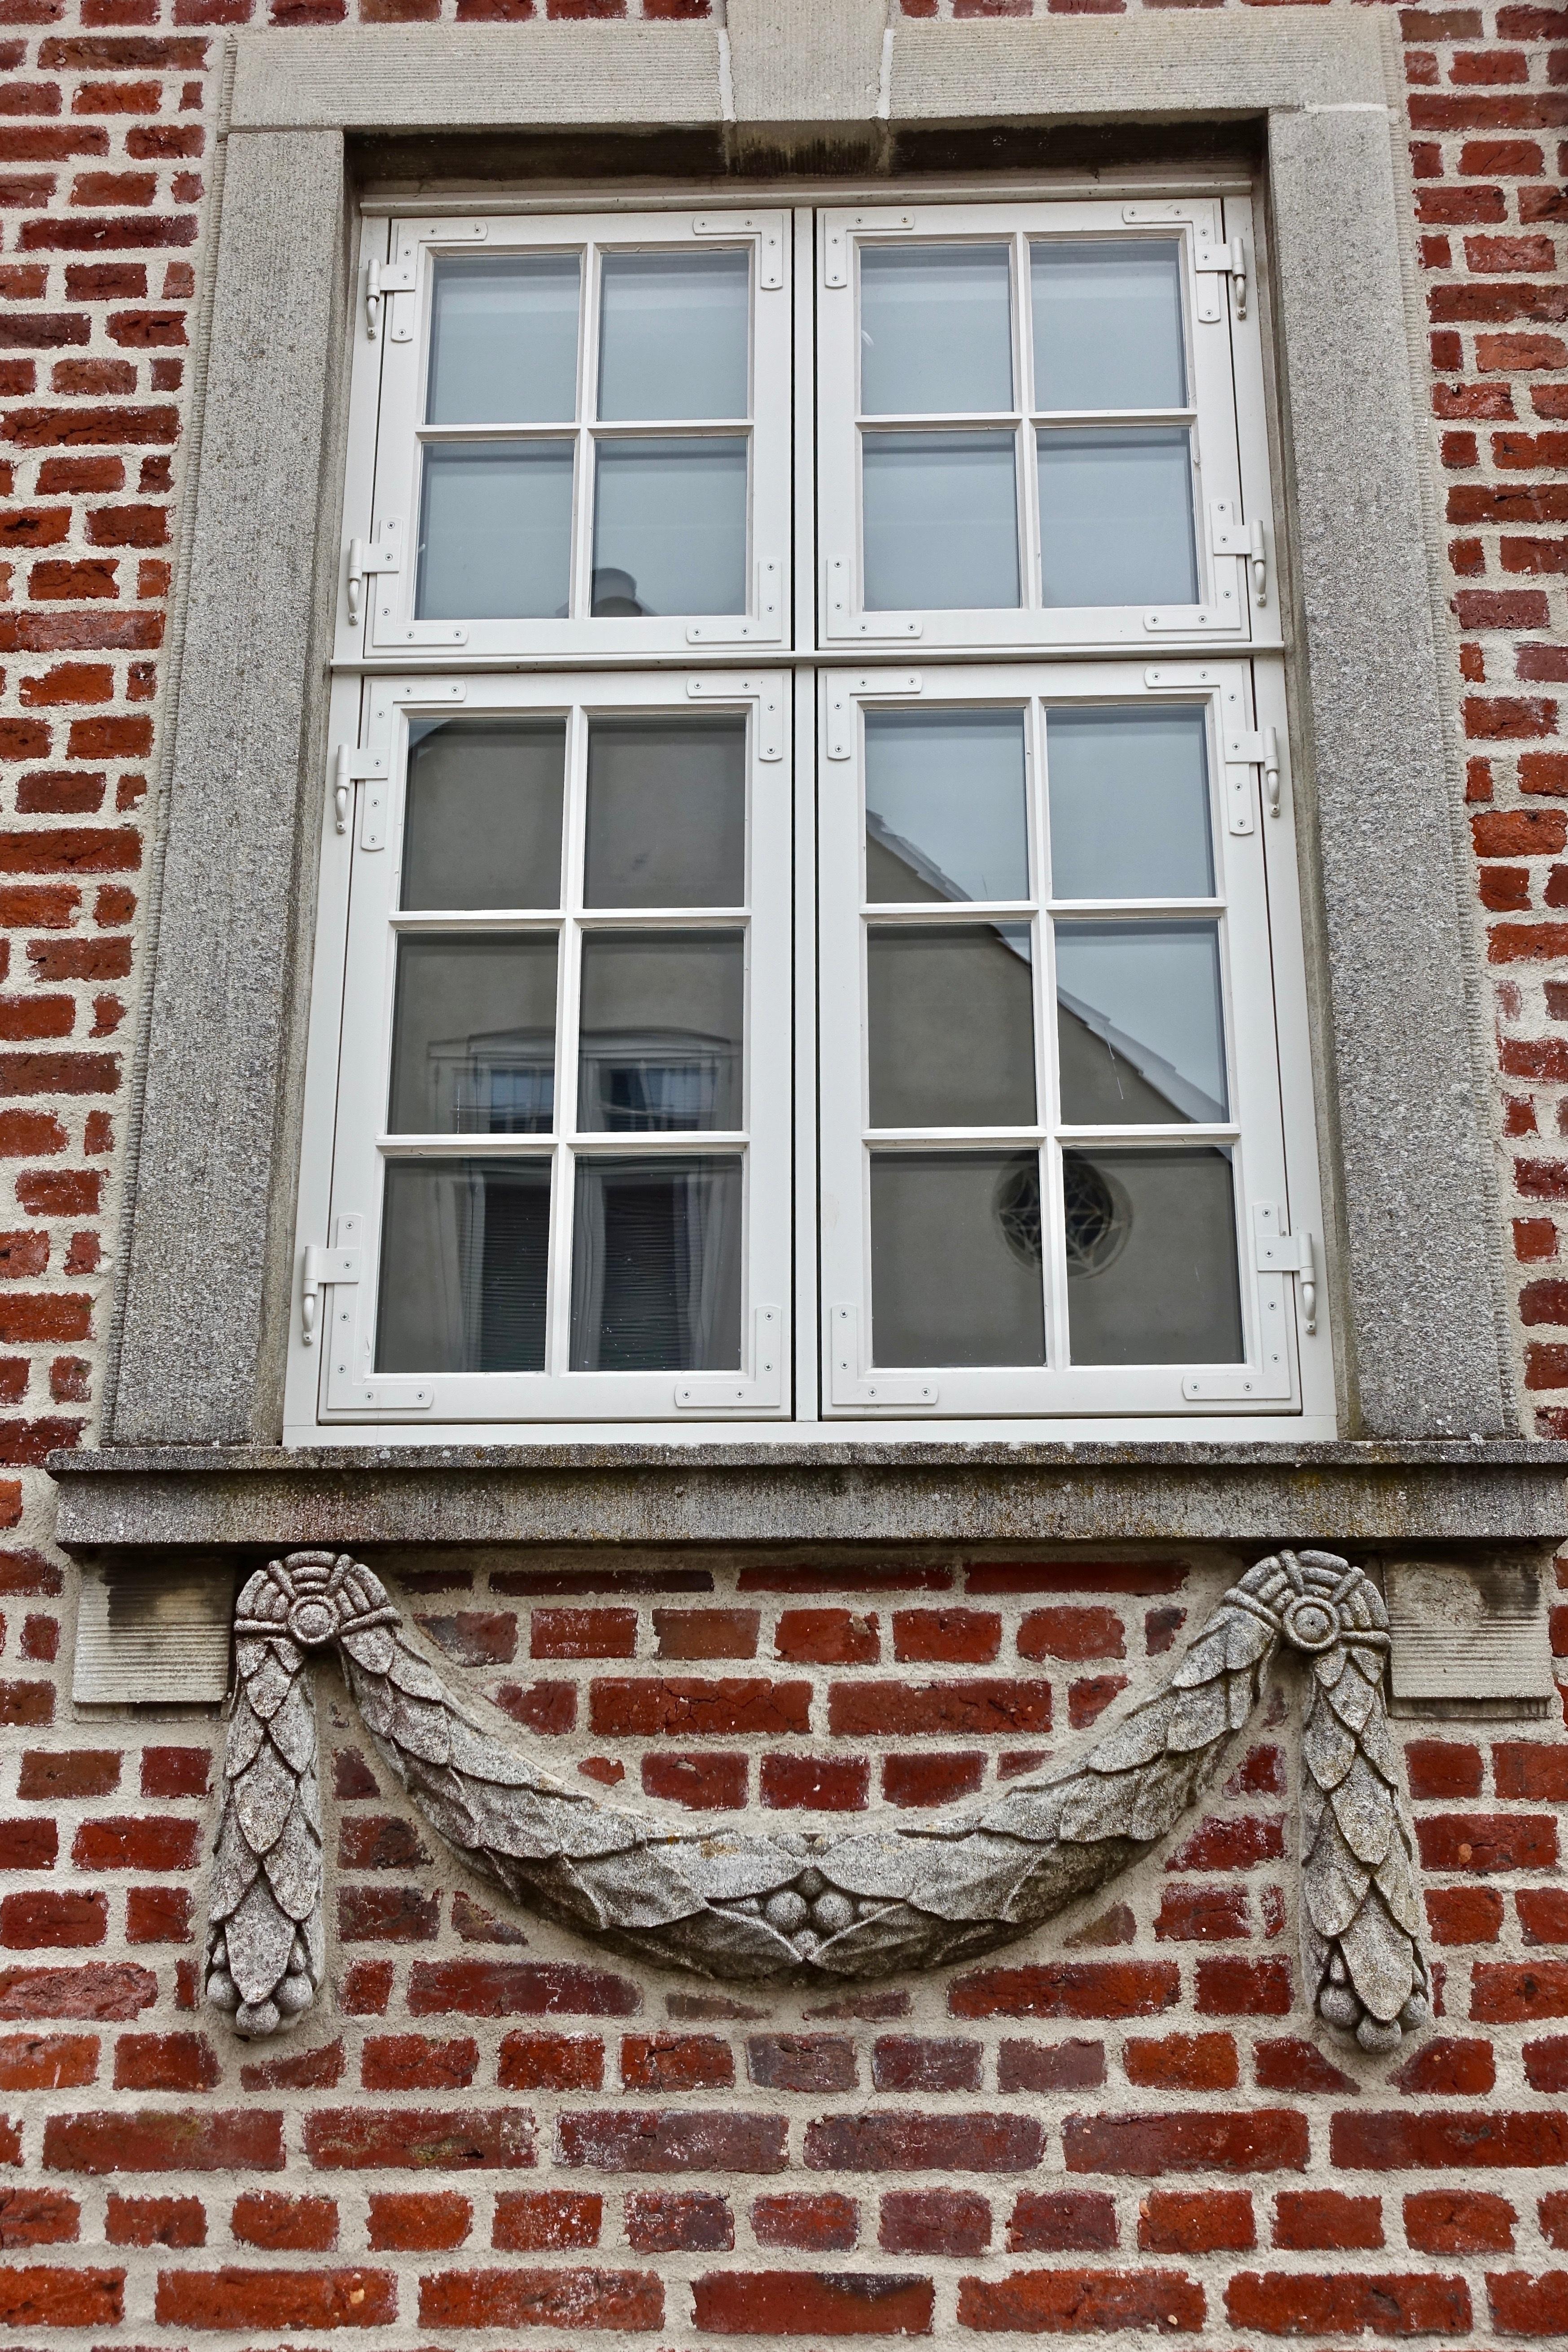 Fotos gratis : arquitectura, casa, pared, decoración, marco, fachada ...